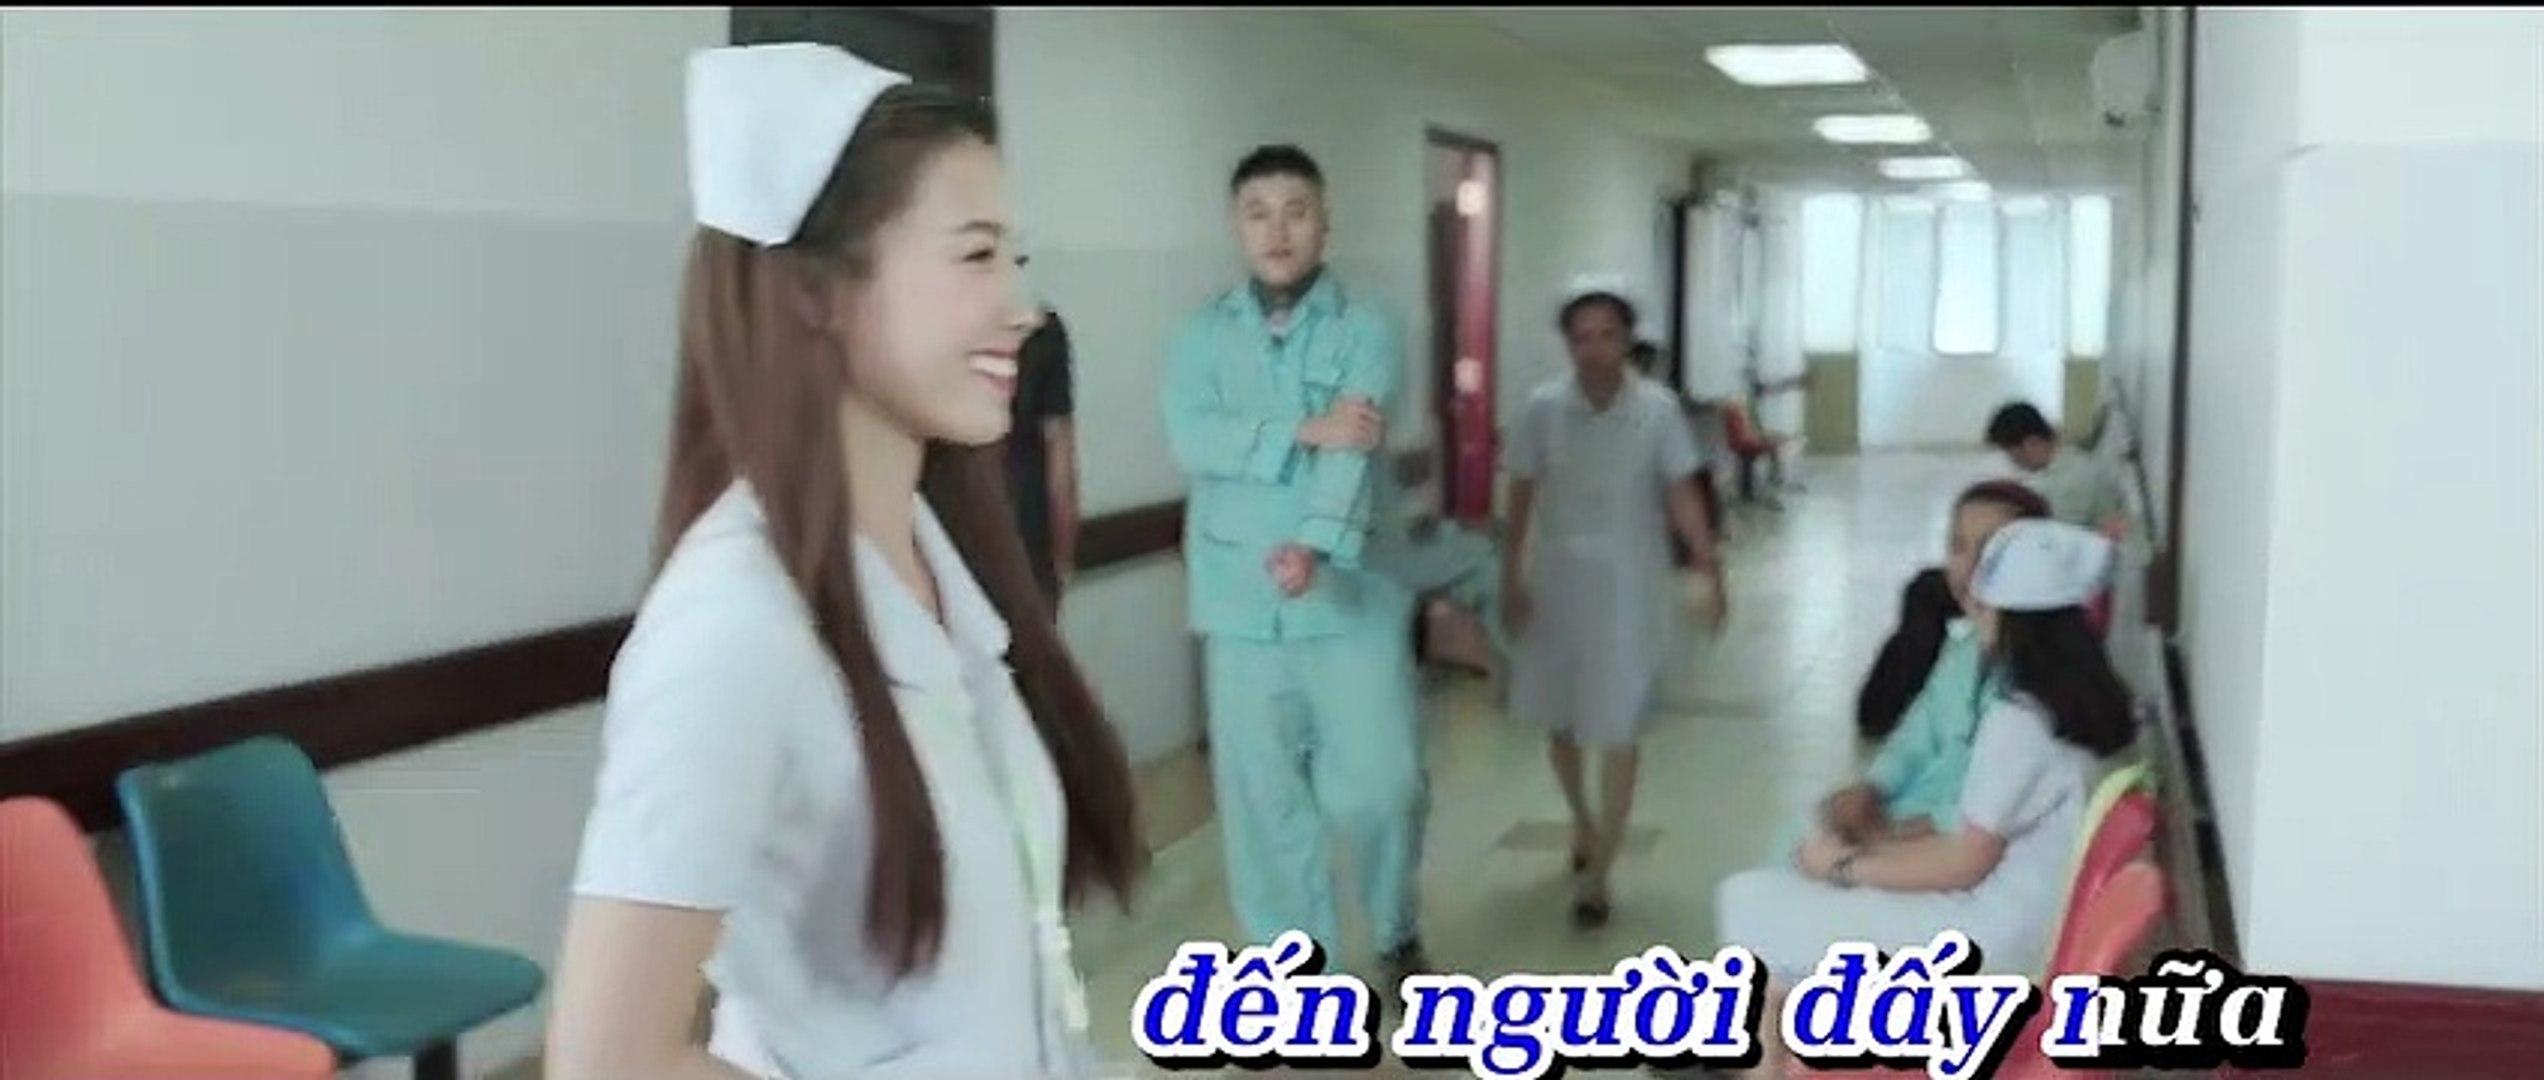 [Karaoke] Em Thật Là Ngốc - Vũ Duy Khánh [Beat]